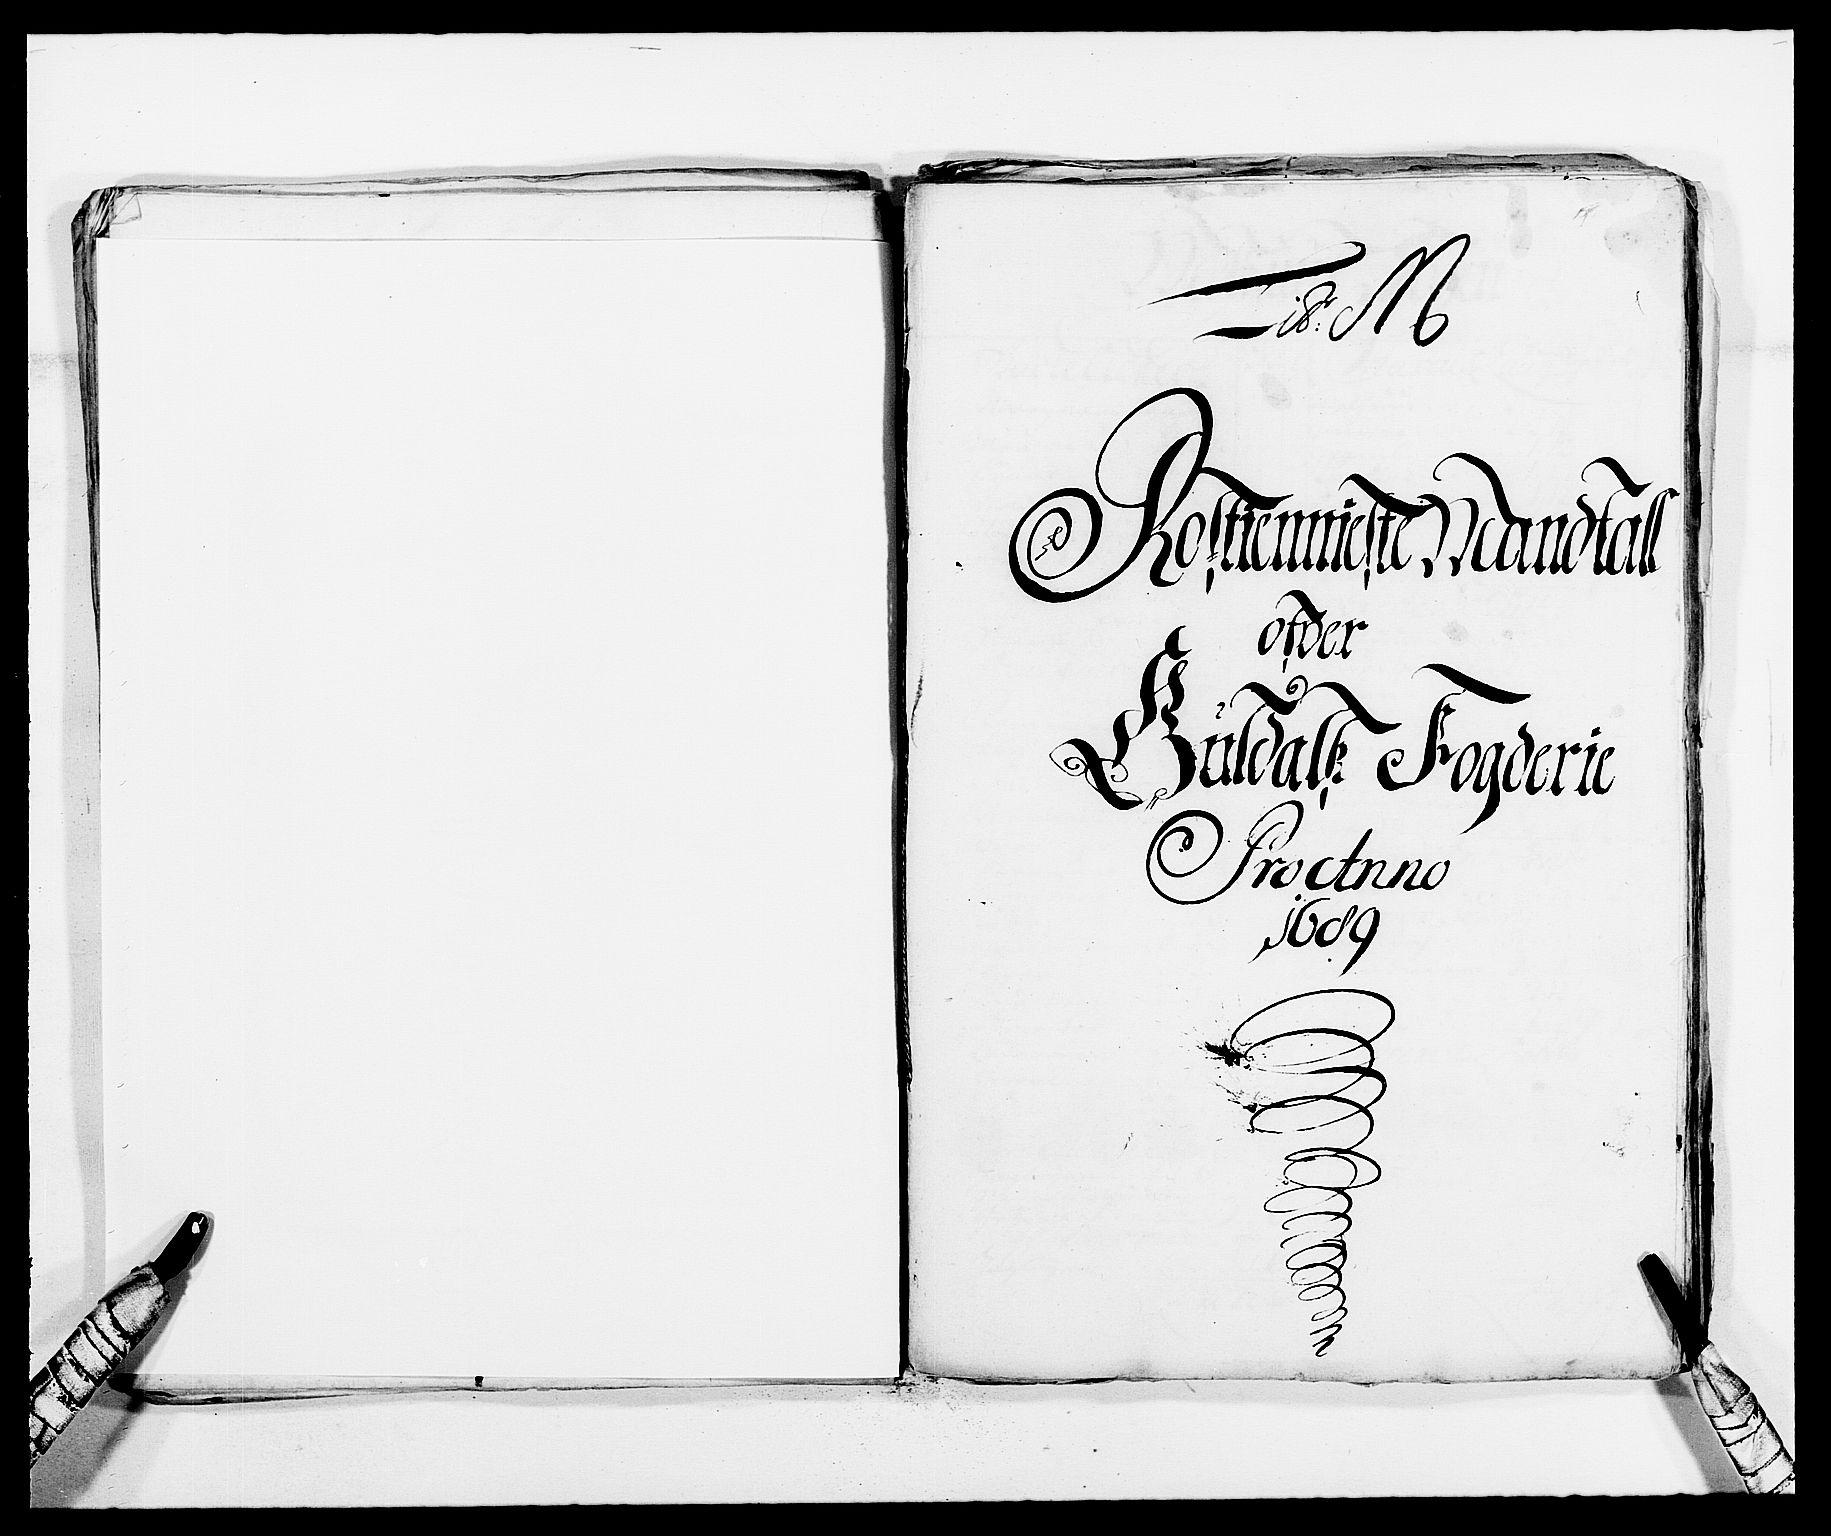 RA, Rentekammeret inntil 1814, Reviderte regnskaper, Fogderegnskap, R59/L3940: Fogderegnskap Gauldal, 1689-1690, s. 119